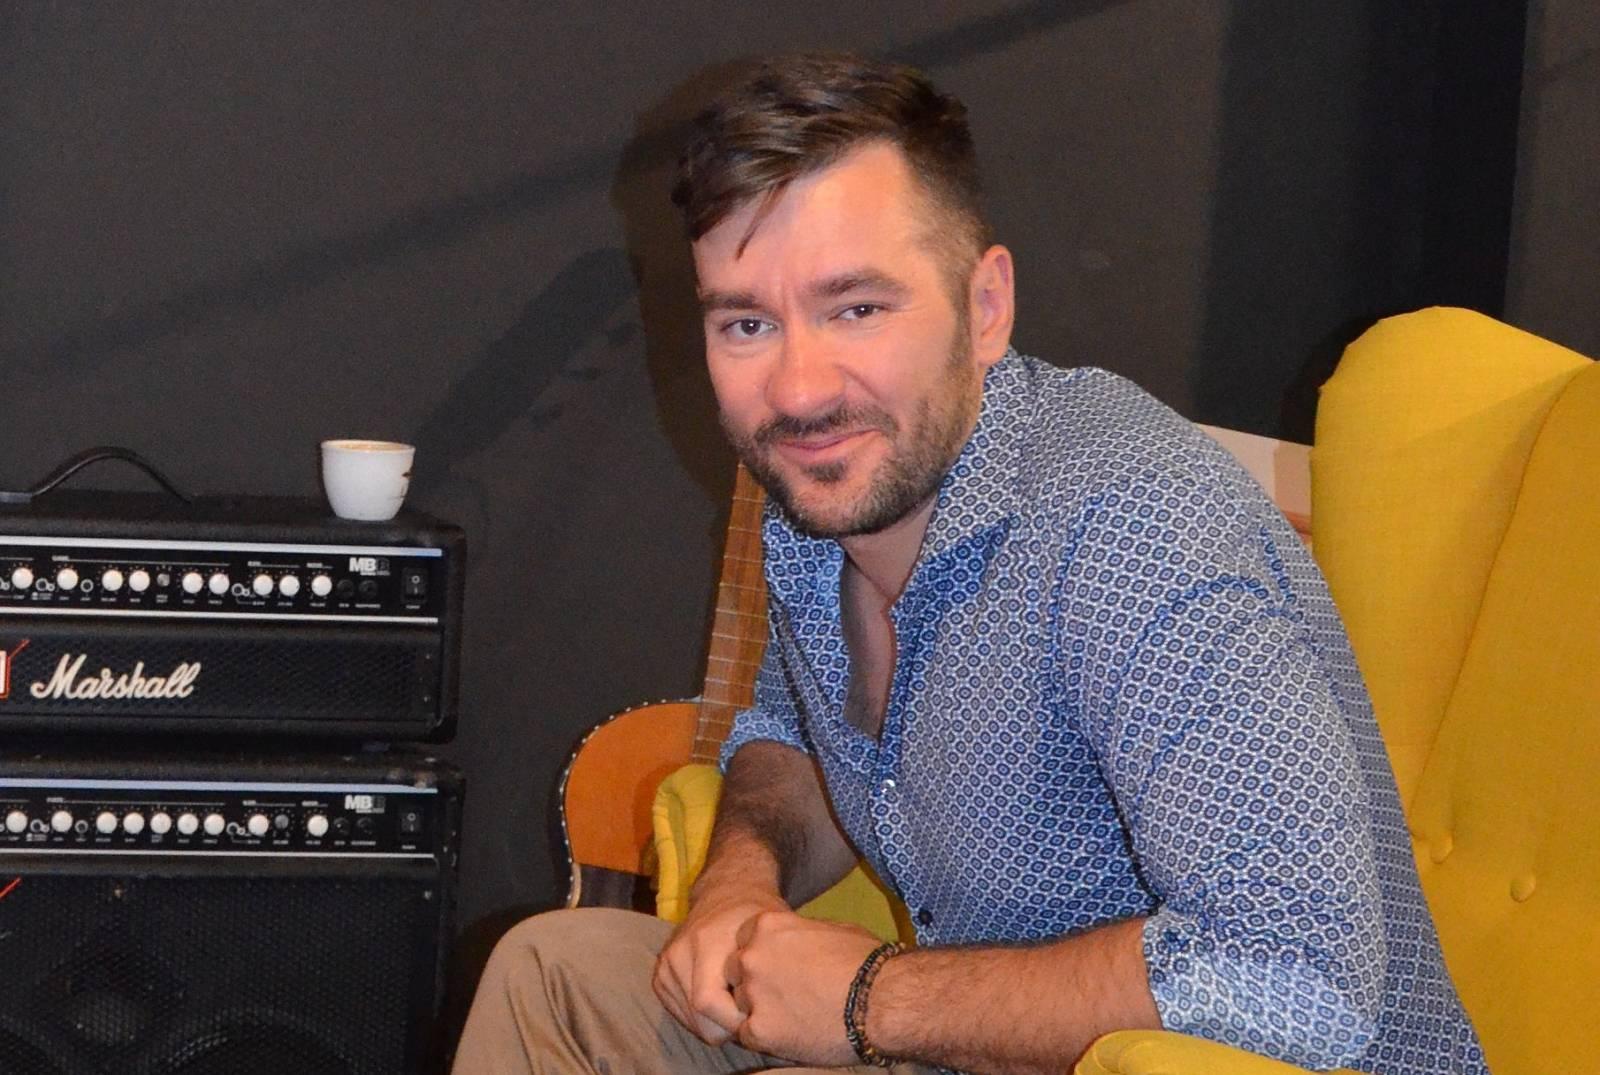 ROZHOVOR | Marek Ztracený: Máme novou písničku Moje milá, klip má překvapivý závěr. Fanouškům ji představíme na letním turné